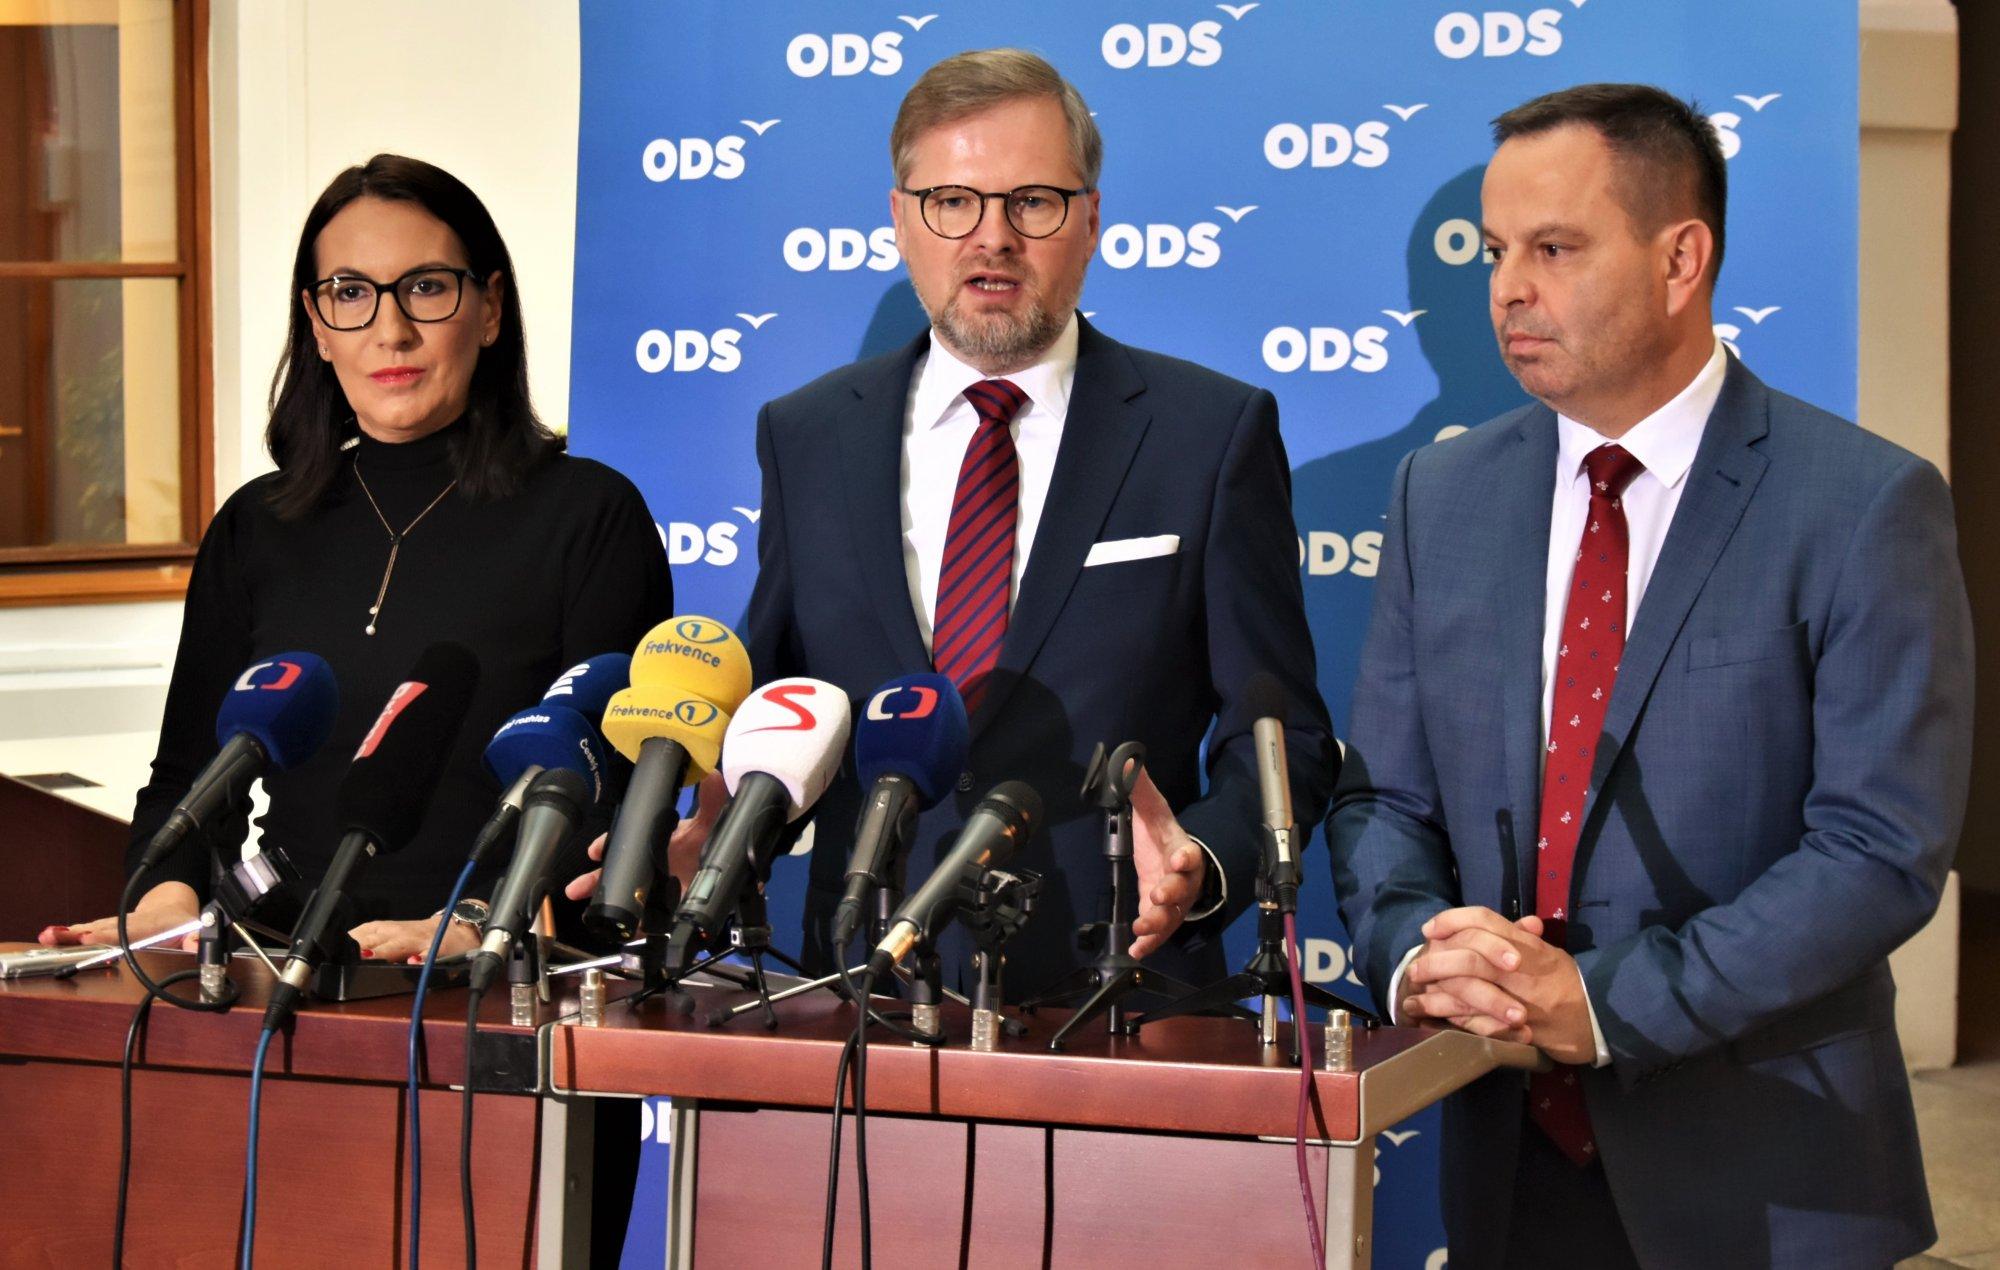 ODS: Podpora rodin je pro ČR naprosto klíčová, navrhujeme spravedlivé navýšení rodičovského příspěvku